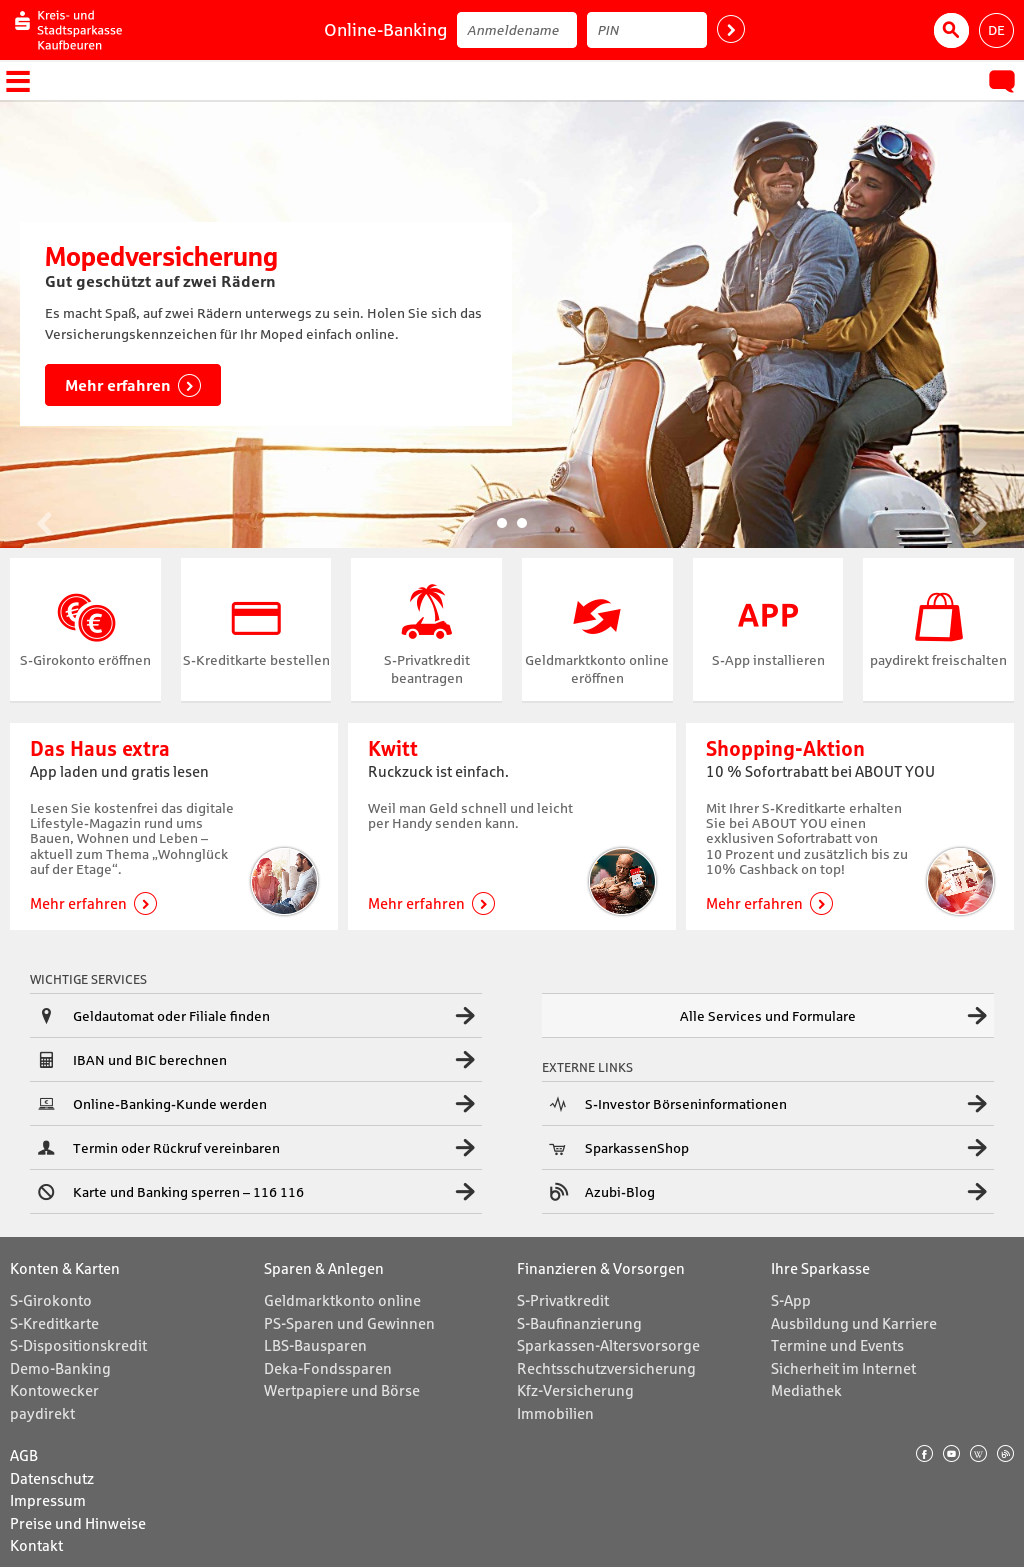 Versicherungskennzeichen online dating